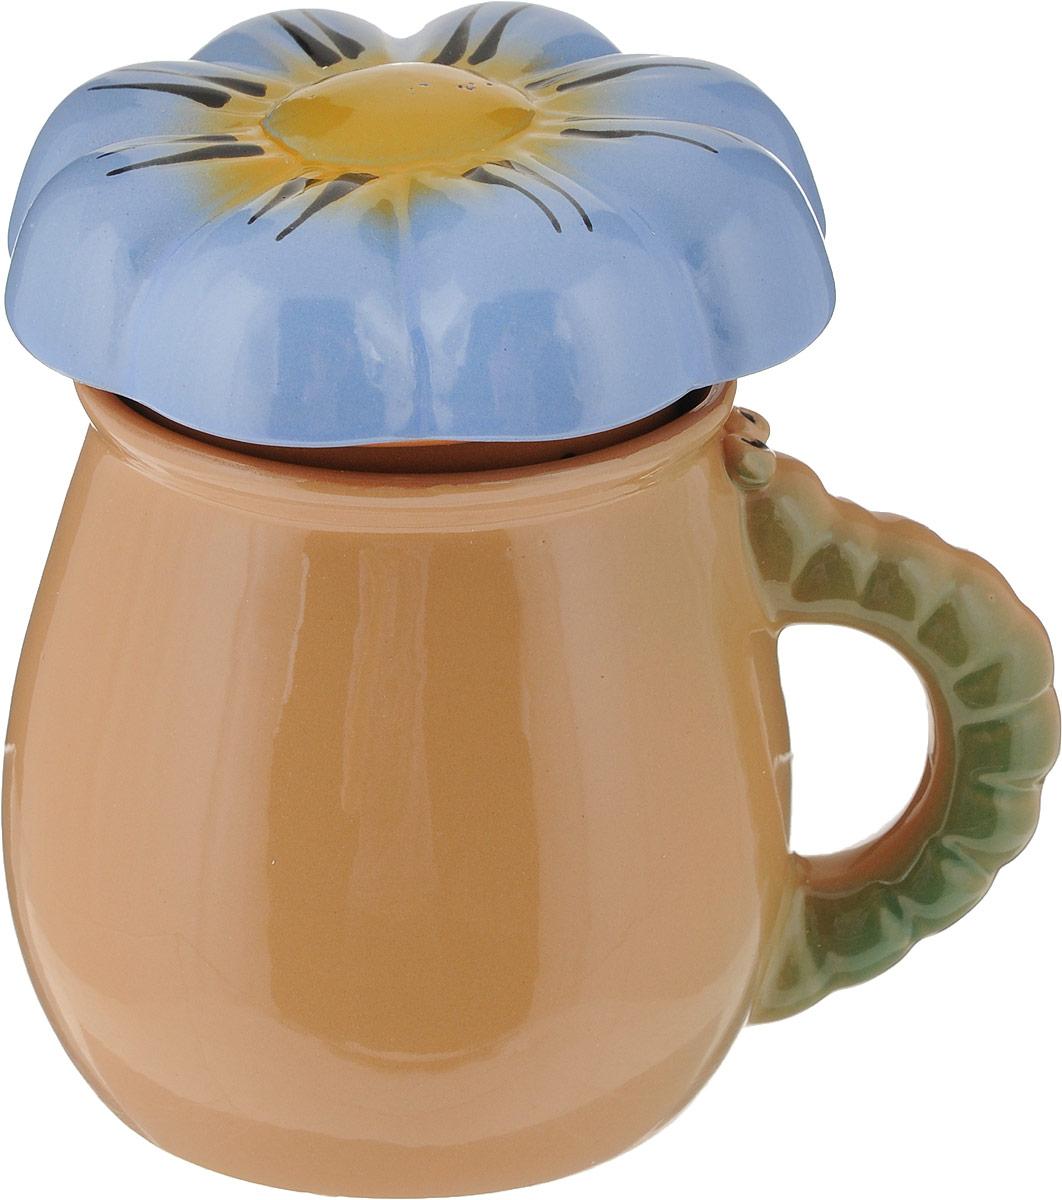 Фото - Чашка Борисовская керамика Цветок, с крышкой и фильтром, 450 мл [супермаркет] jingdong геб scybe фил приблизительно круглая чашка установлена в вертикальном положении стеклянной чашки 290мла 6 z